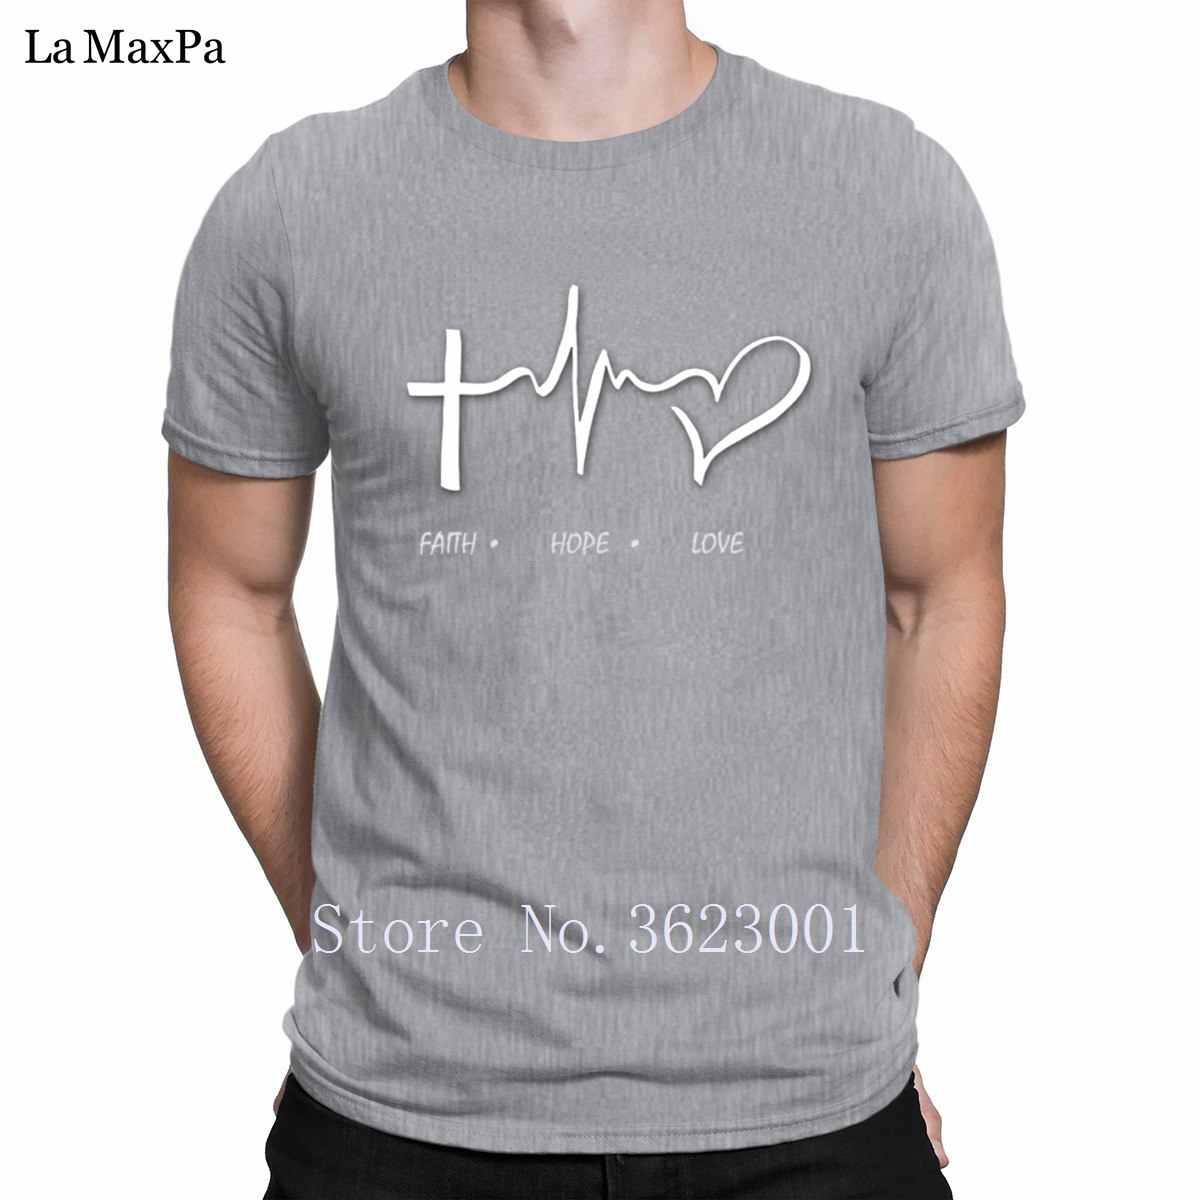 38ac87b53 ... Custom Awesome Tee Shirt For Men Faith Hope Love T Shirt Man Summer  Tshirt Unique Men's ...